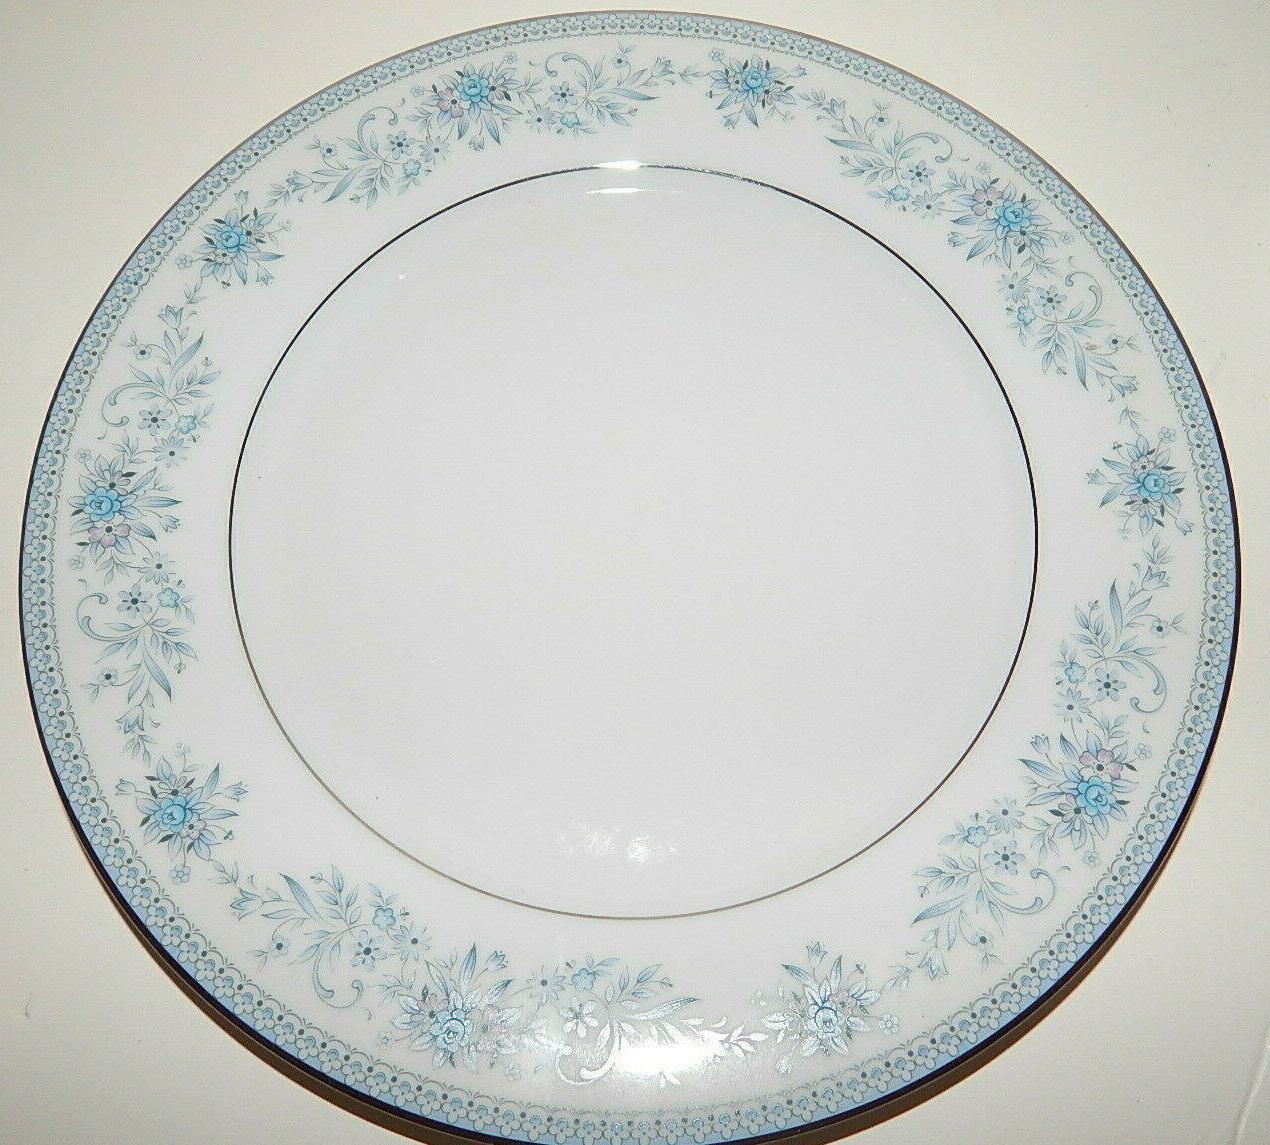 Fine Dinnerware 5 Piece Place